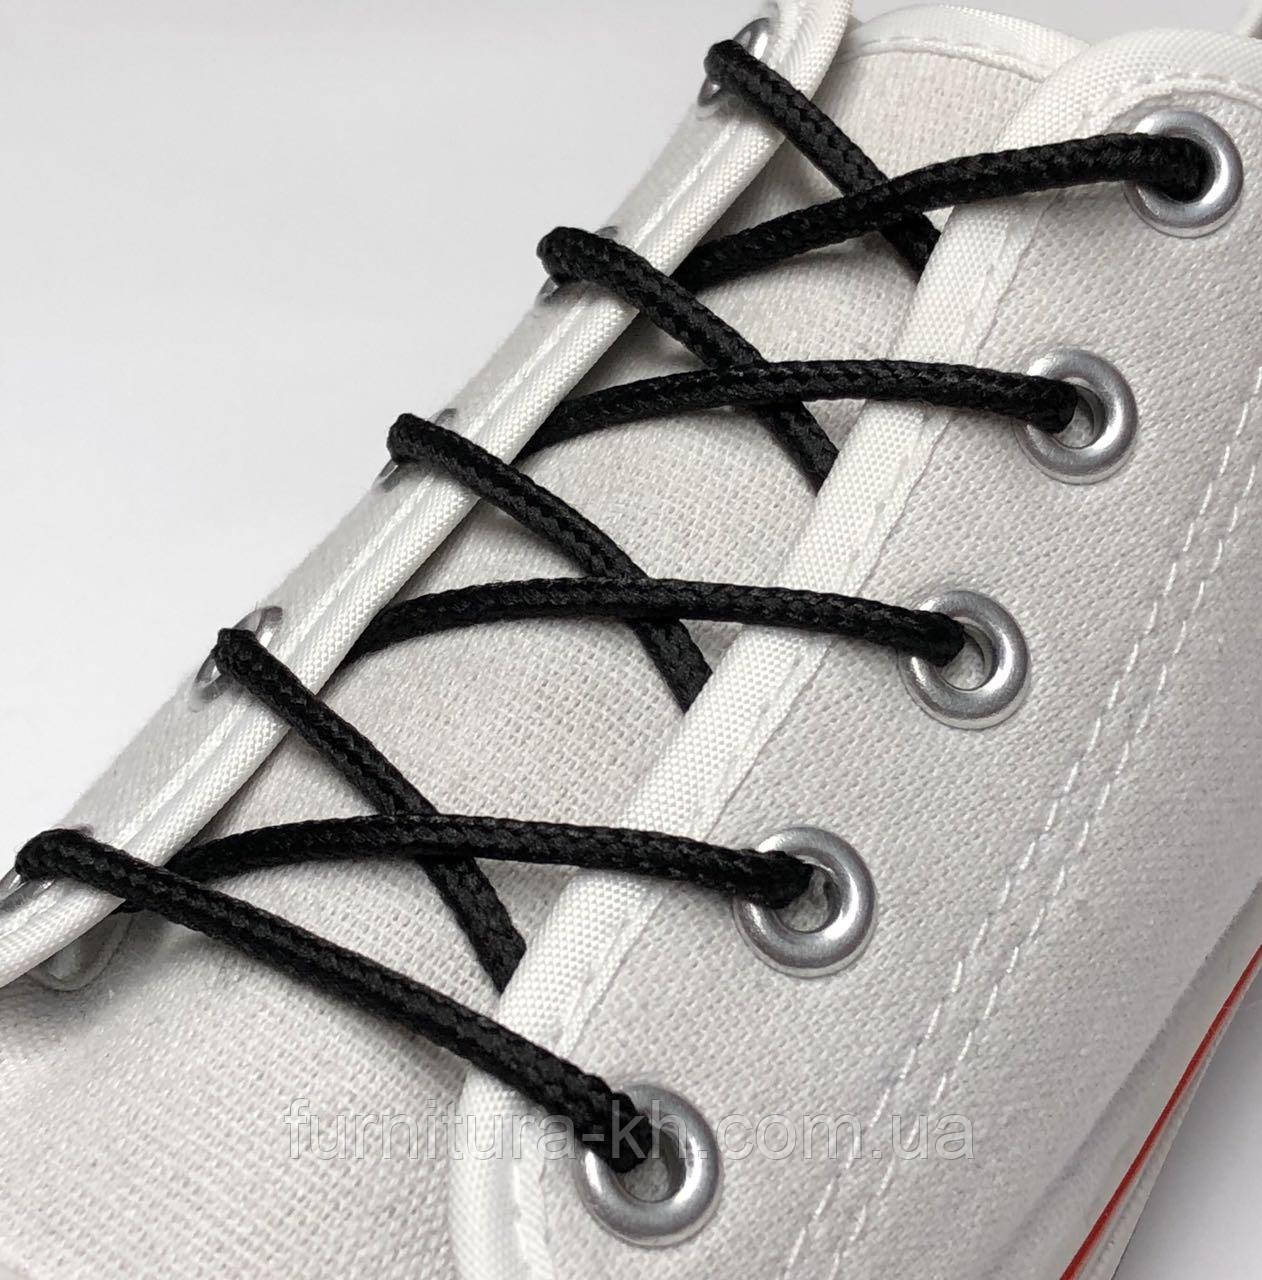 Шнурки для Обуви 200 см. Простой Круглый (4 мм) Цвет Черный